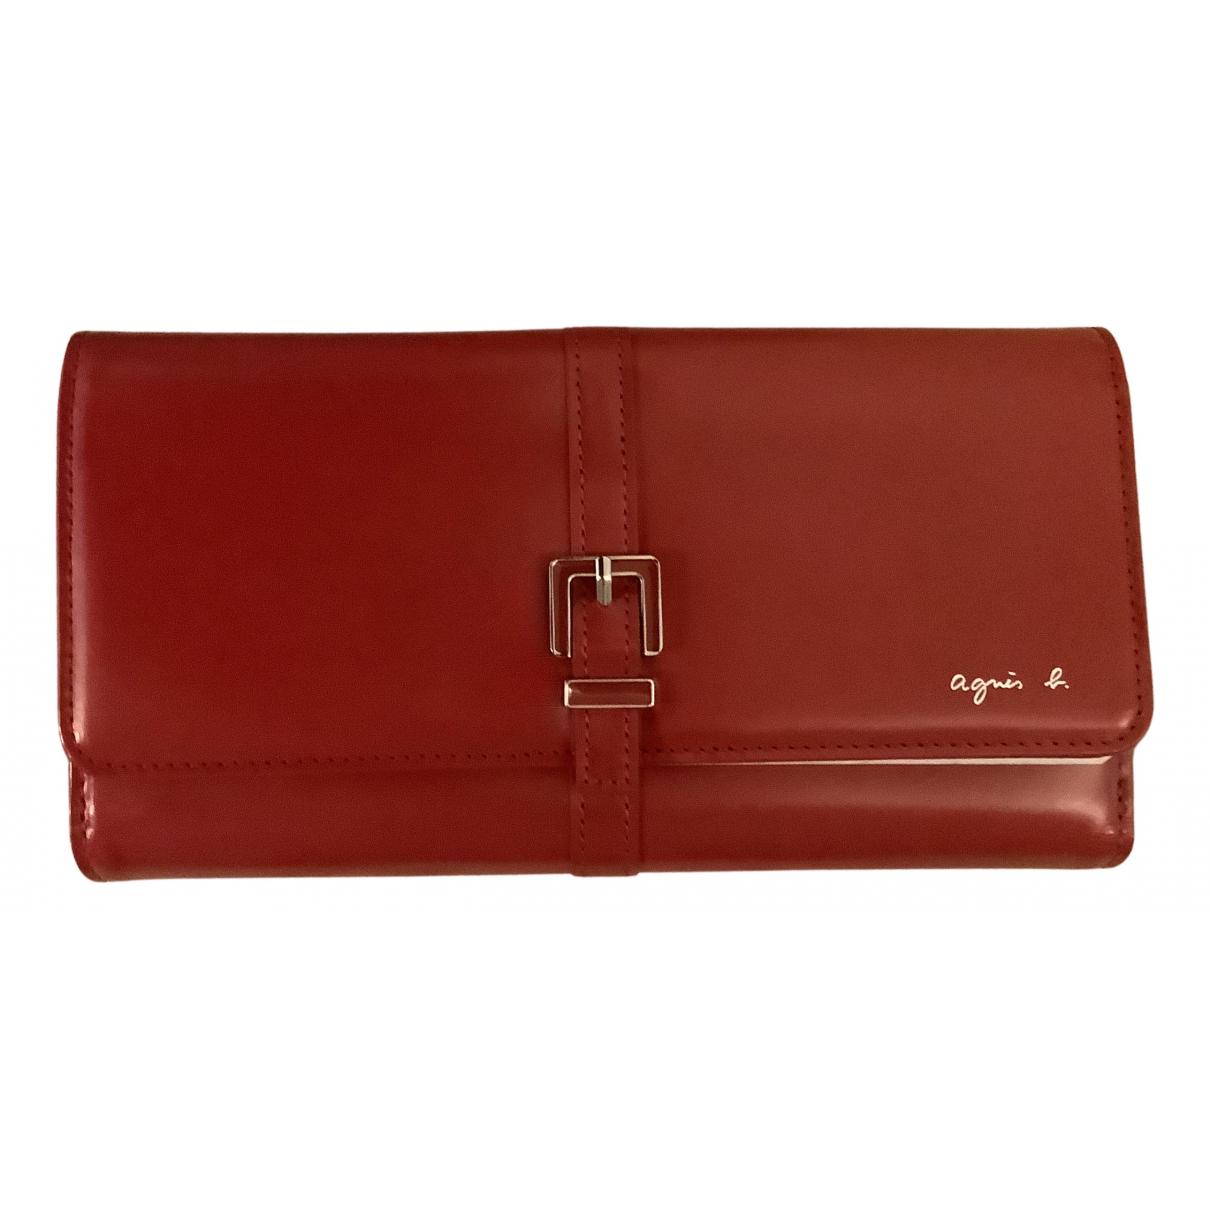 Agnes B. \N Portemonnaie in  Rot Leder